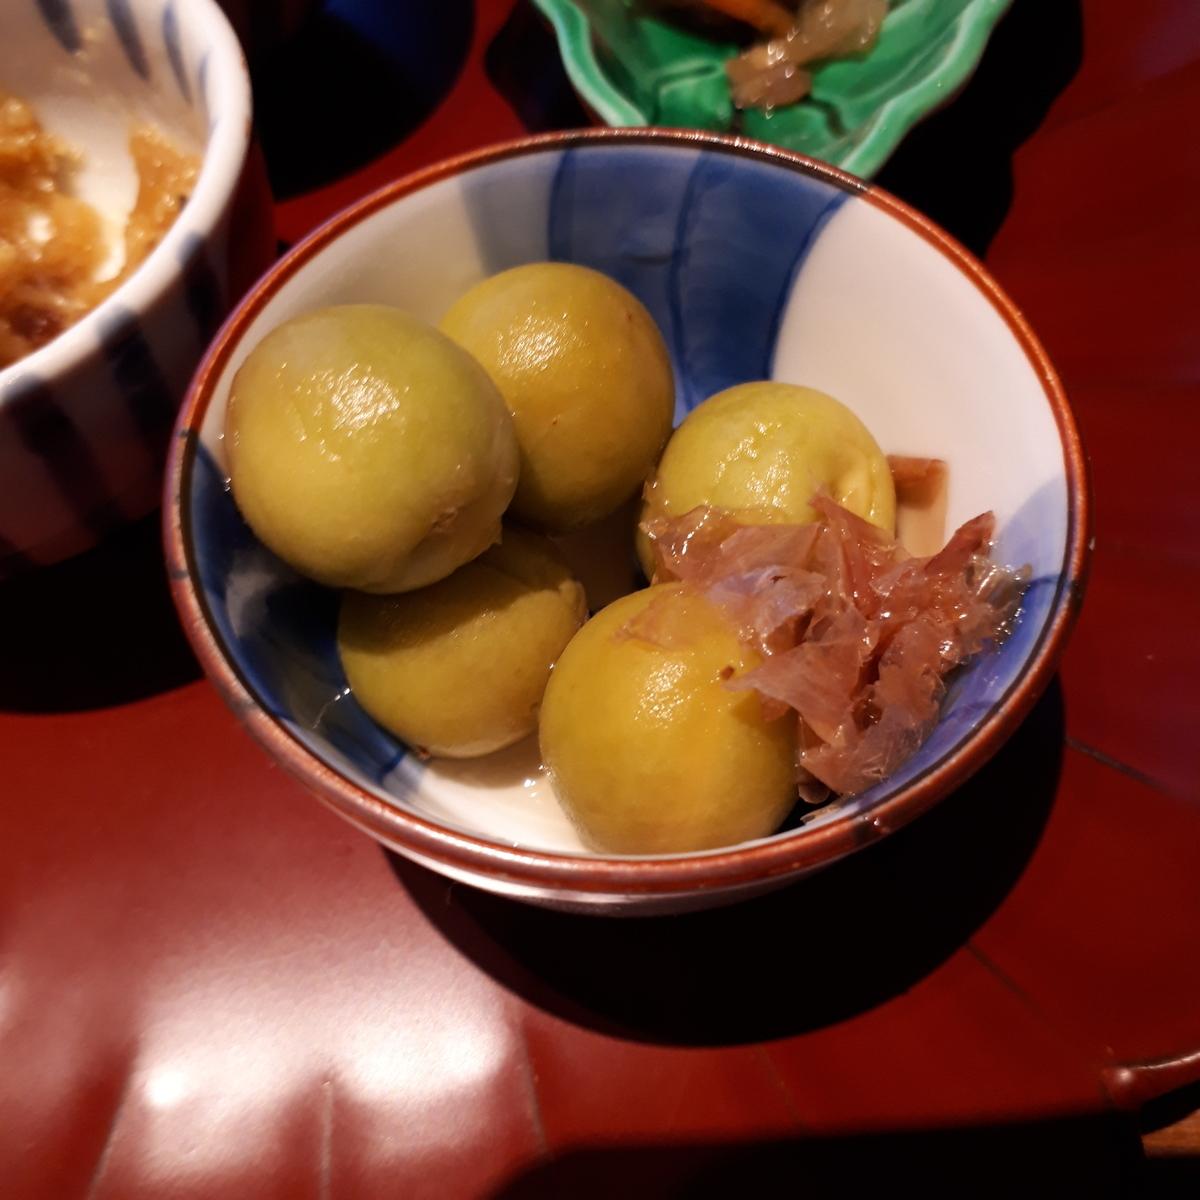 シェラトングランデオーシャンリゾート 米九 カリカリ醤油小梅